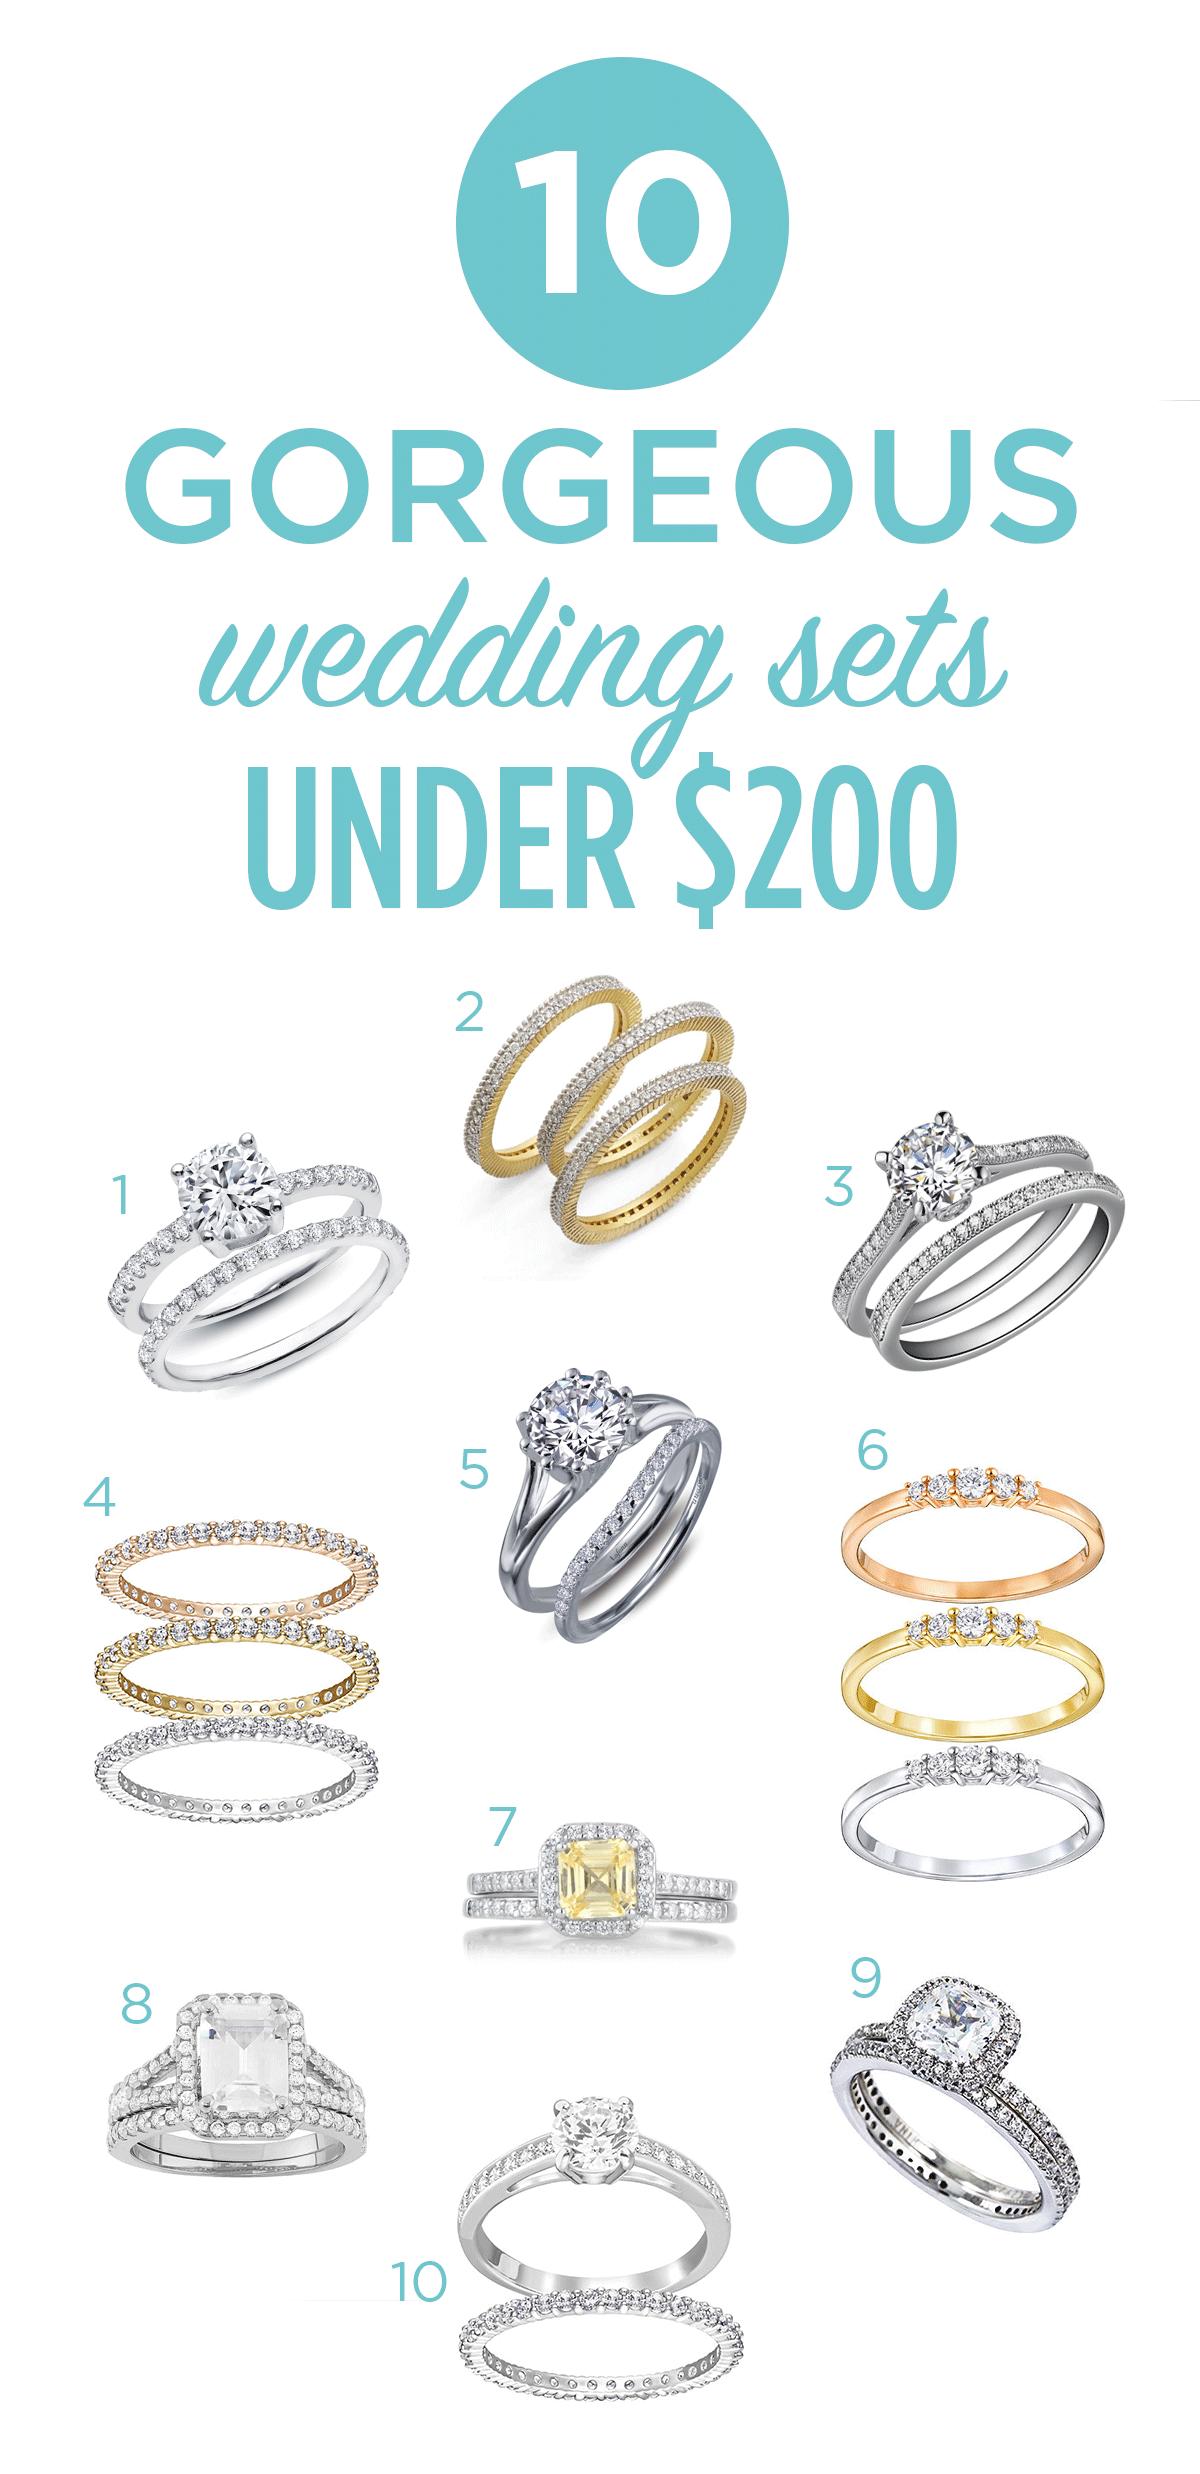 wedding sets under $200